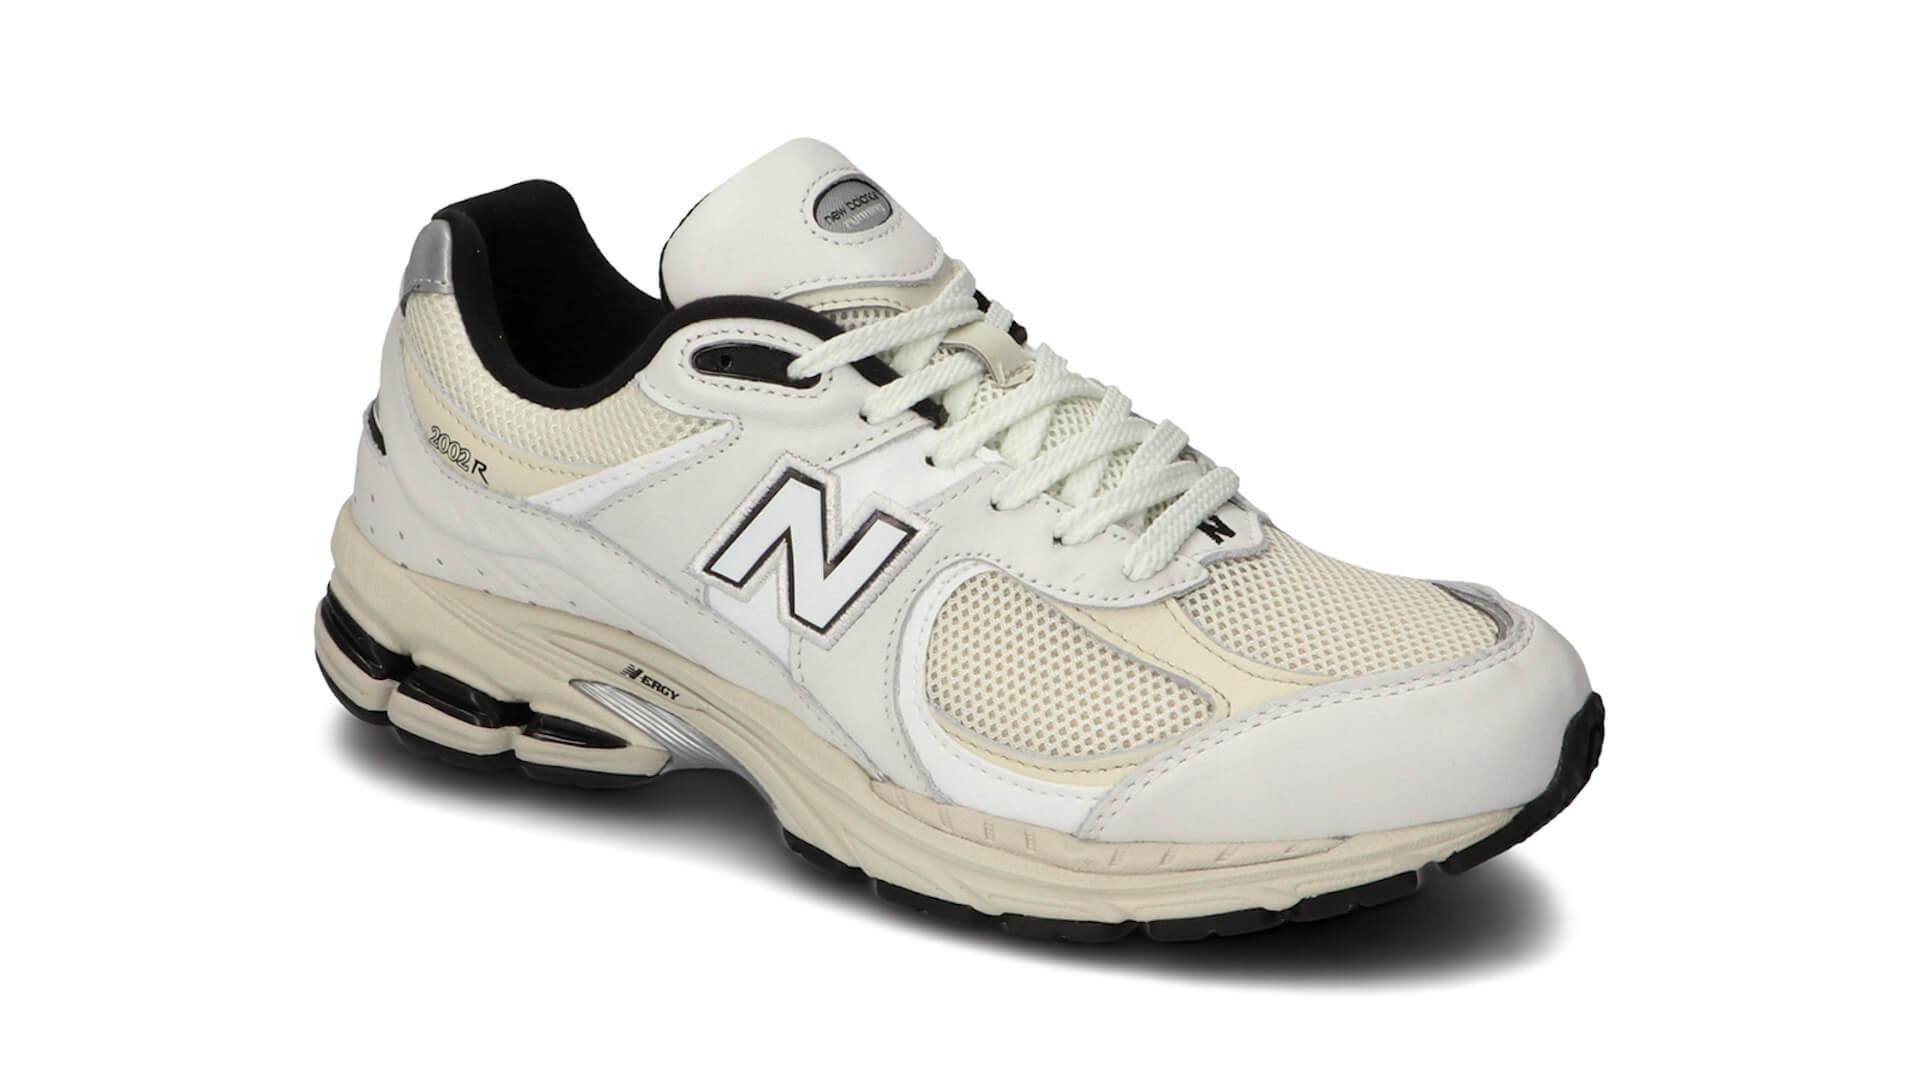 大人気のニューバランス「2002R」にアーバンカラーが新登場!ブラック、グレー、オフホワイトの3色 life210312_newbalance_2002r_9